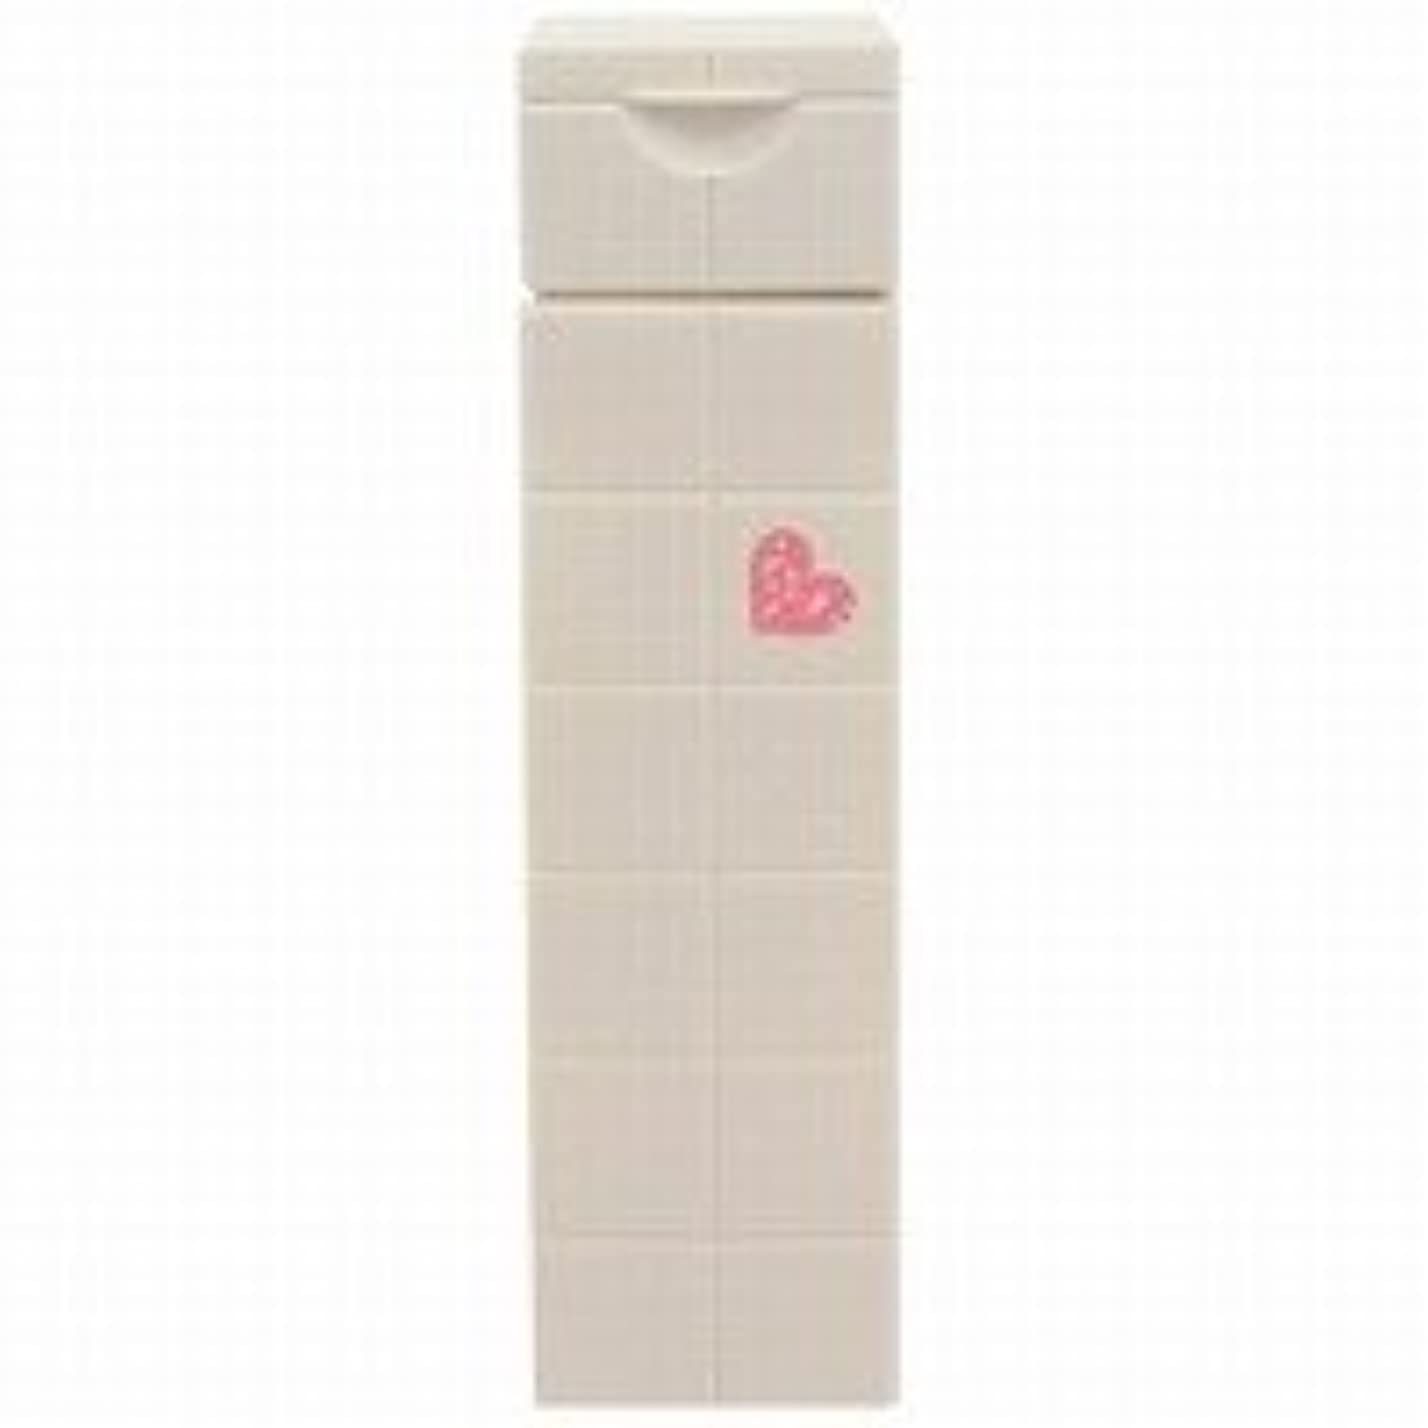 矢ピット官僚【X5個セット】 アリミノ ピース プロデザインシリーズ モイストミルク バニラ 200ml